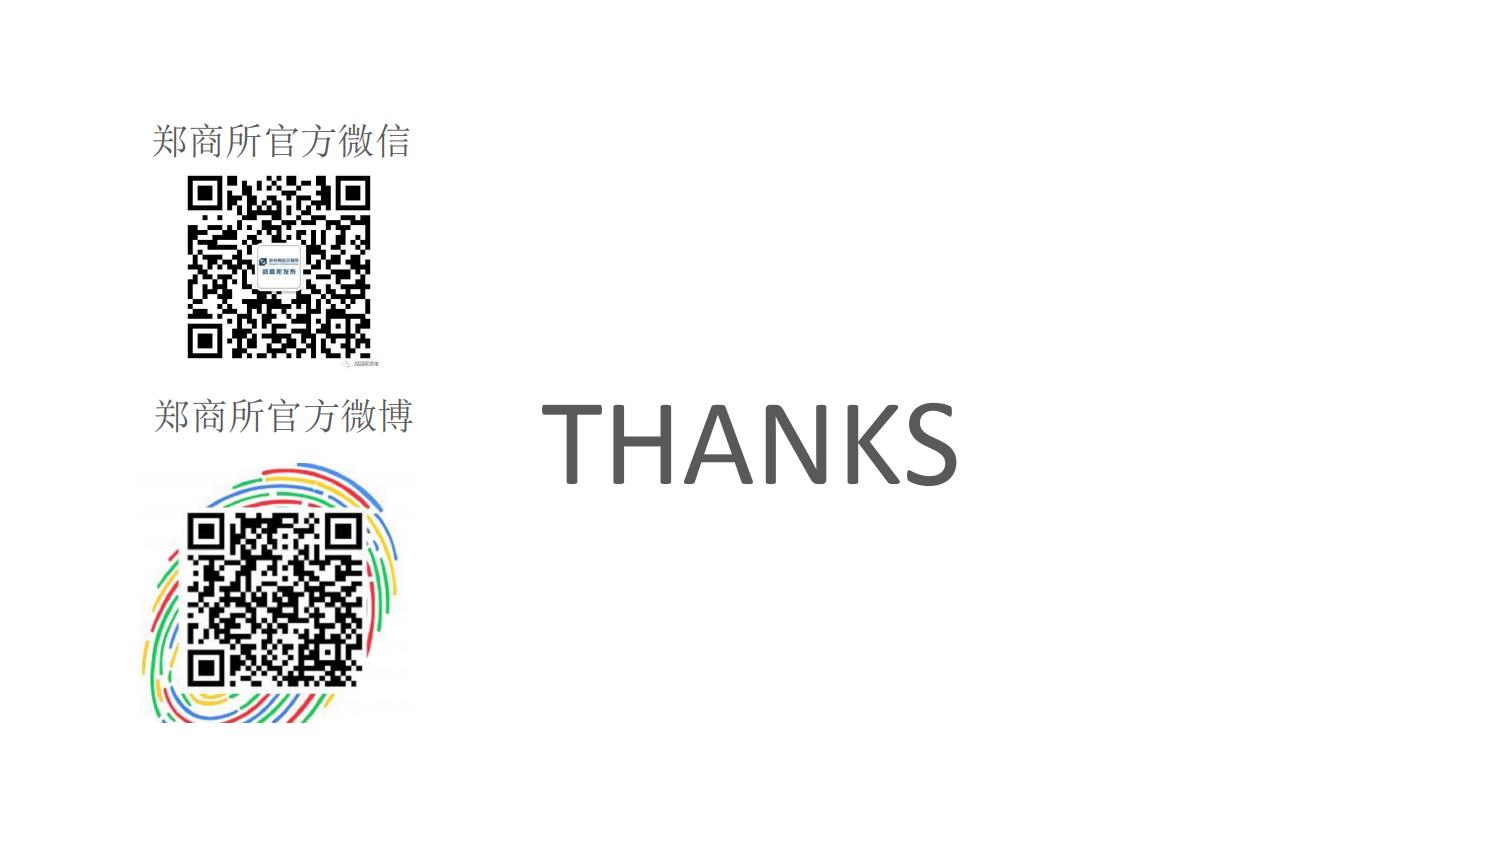 晨会:郑商所培训分享-棉花期权合约规则与上市工作安排0111.pdfx_28.png